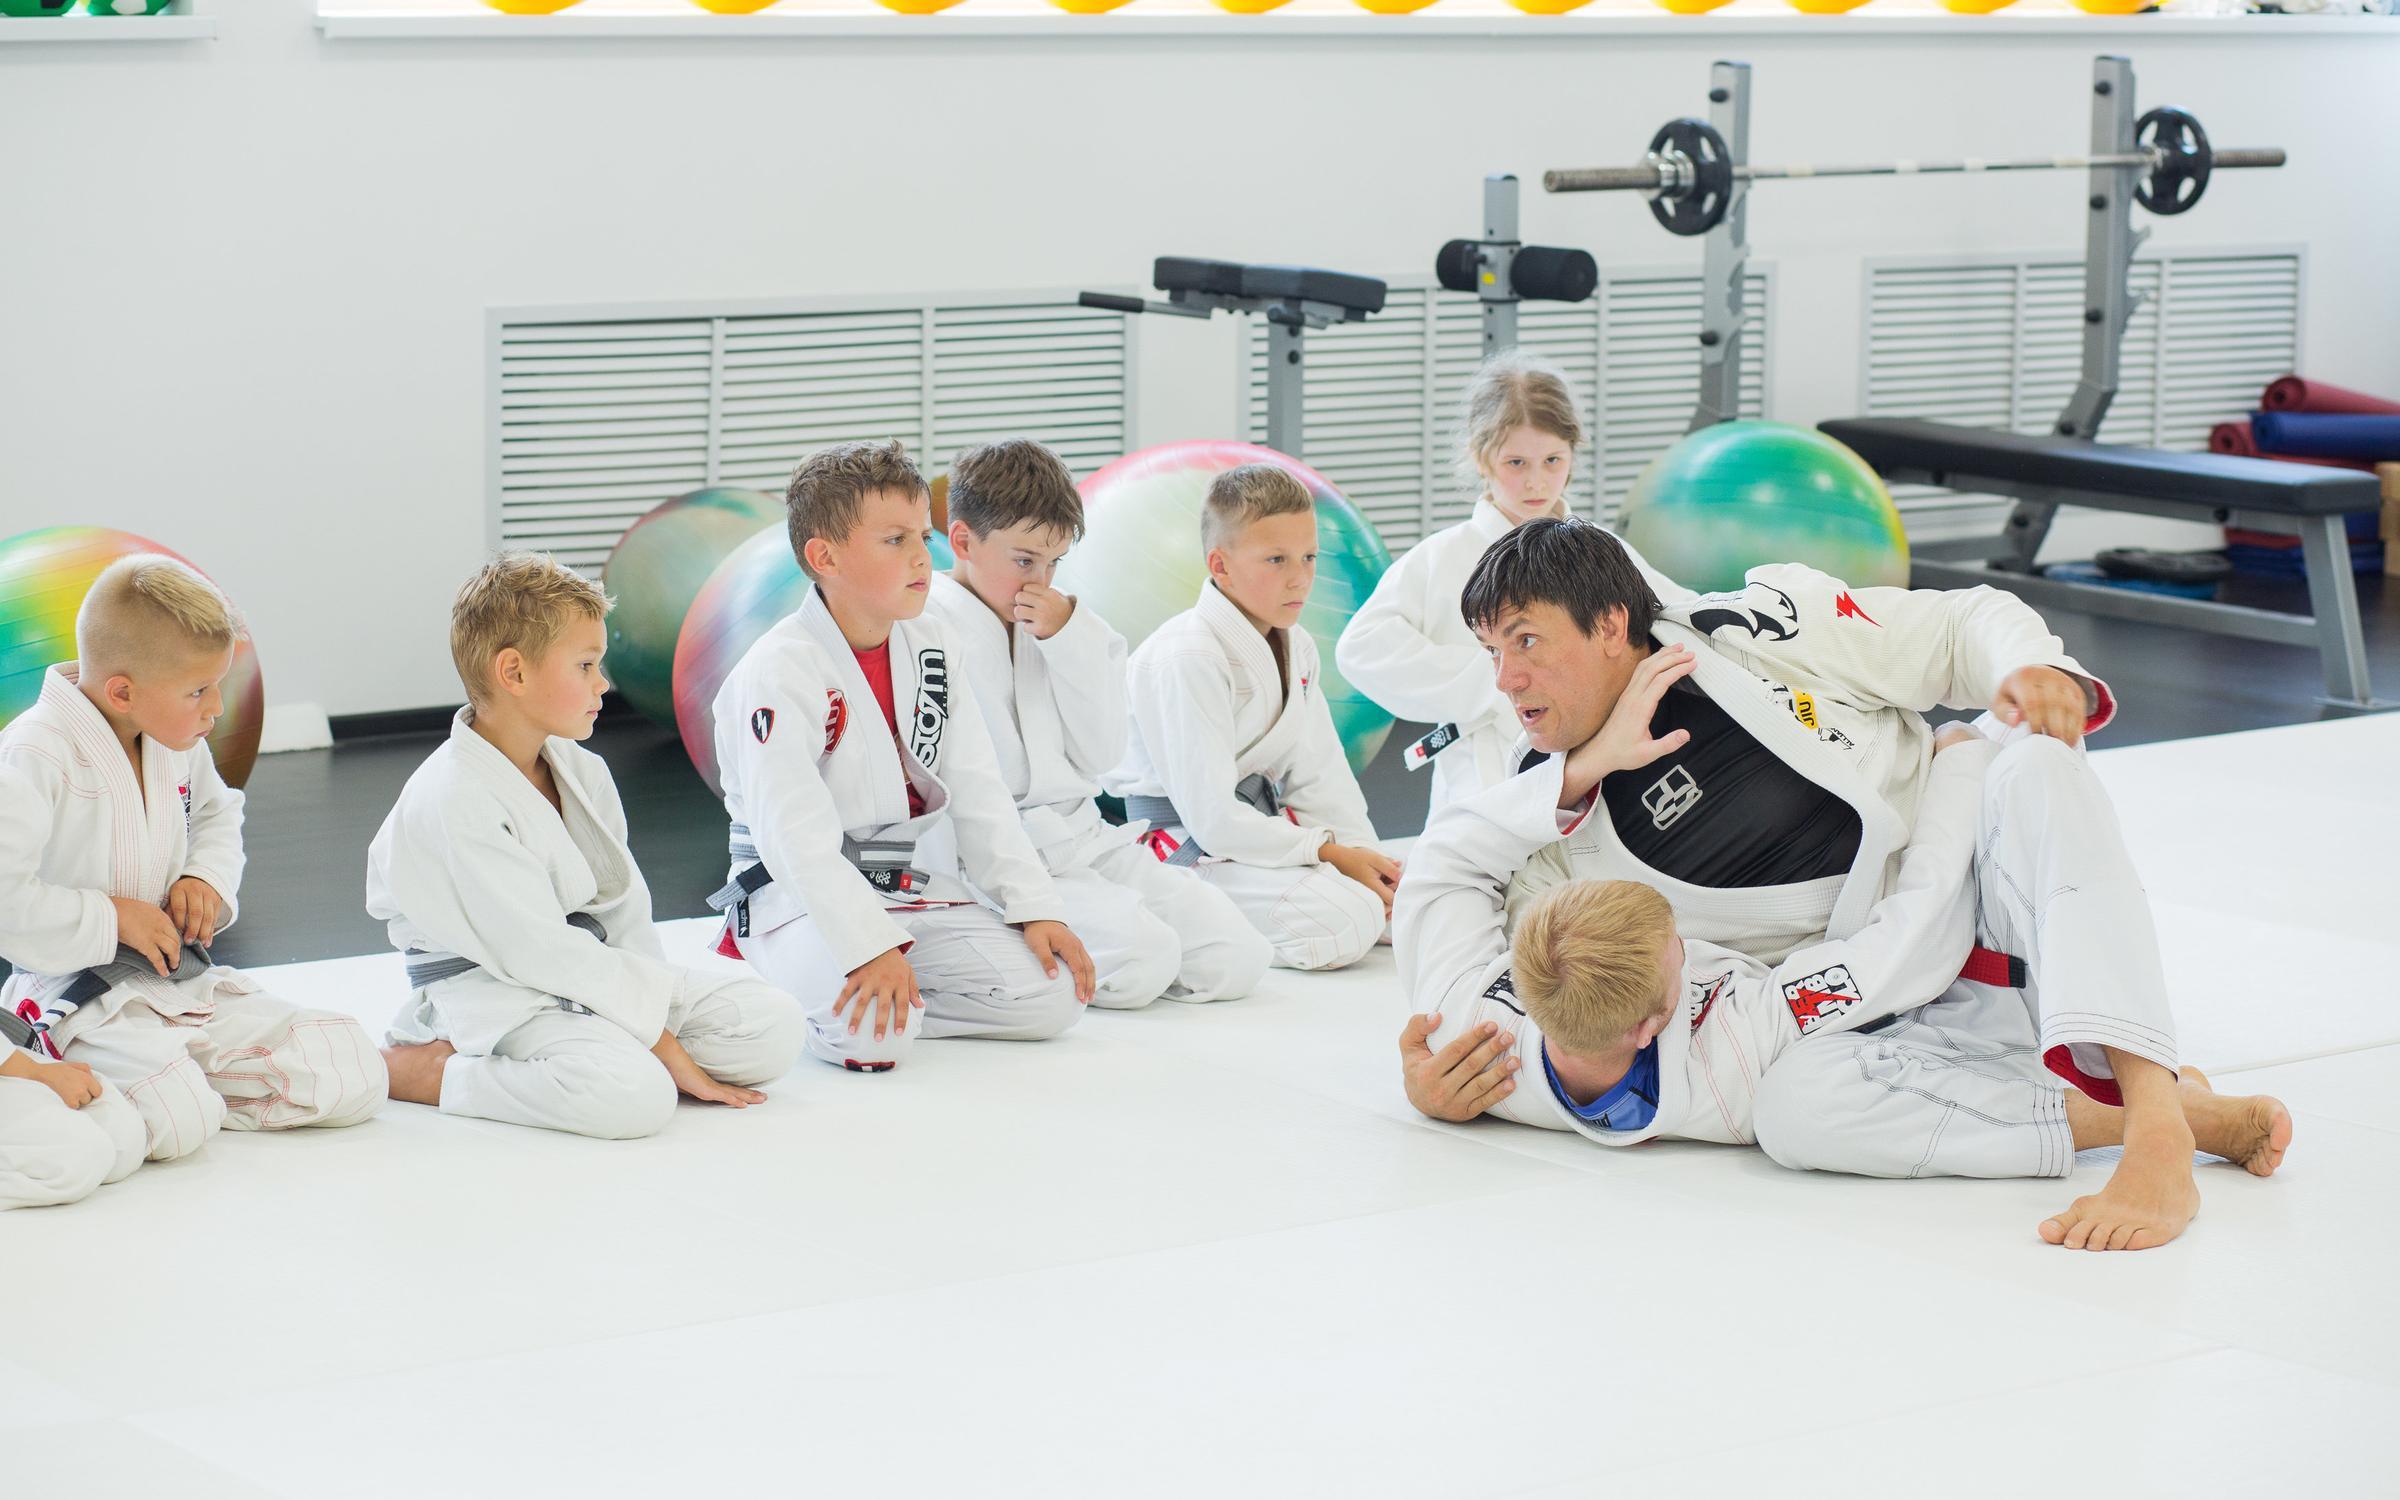 фотография Клуба боевых искусств S.P.O.R.T. Generation в ТЦ Экополис